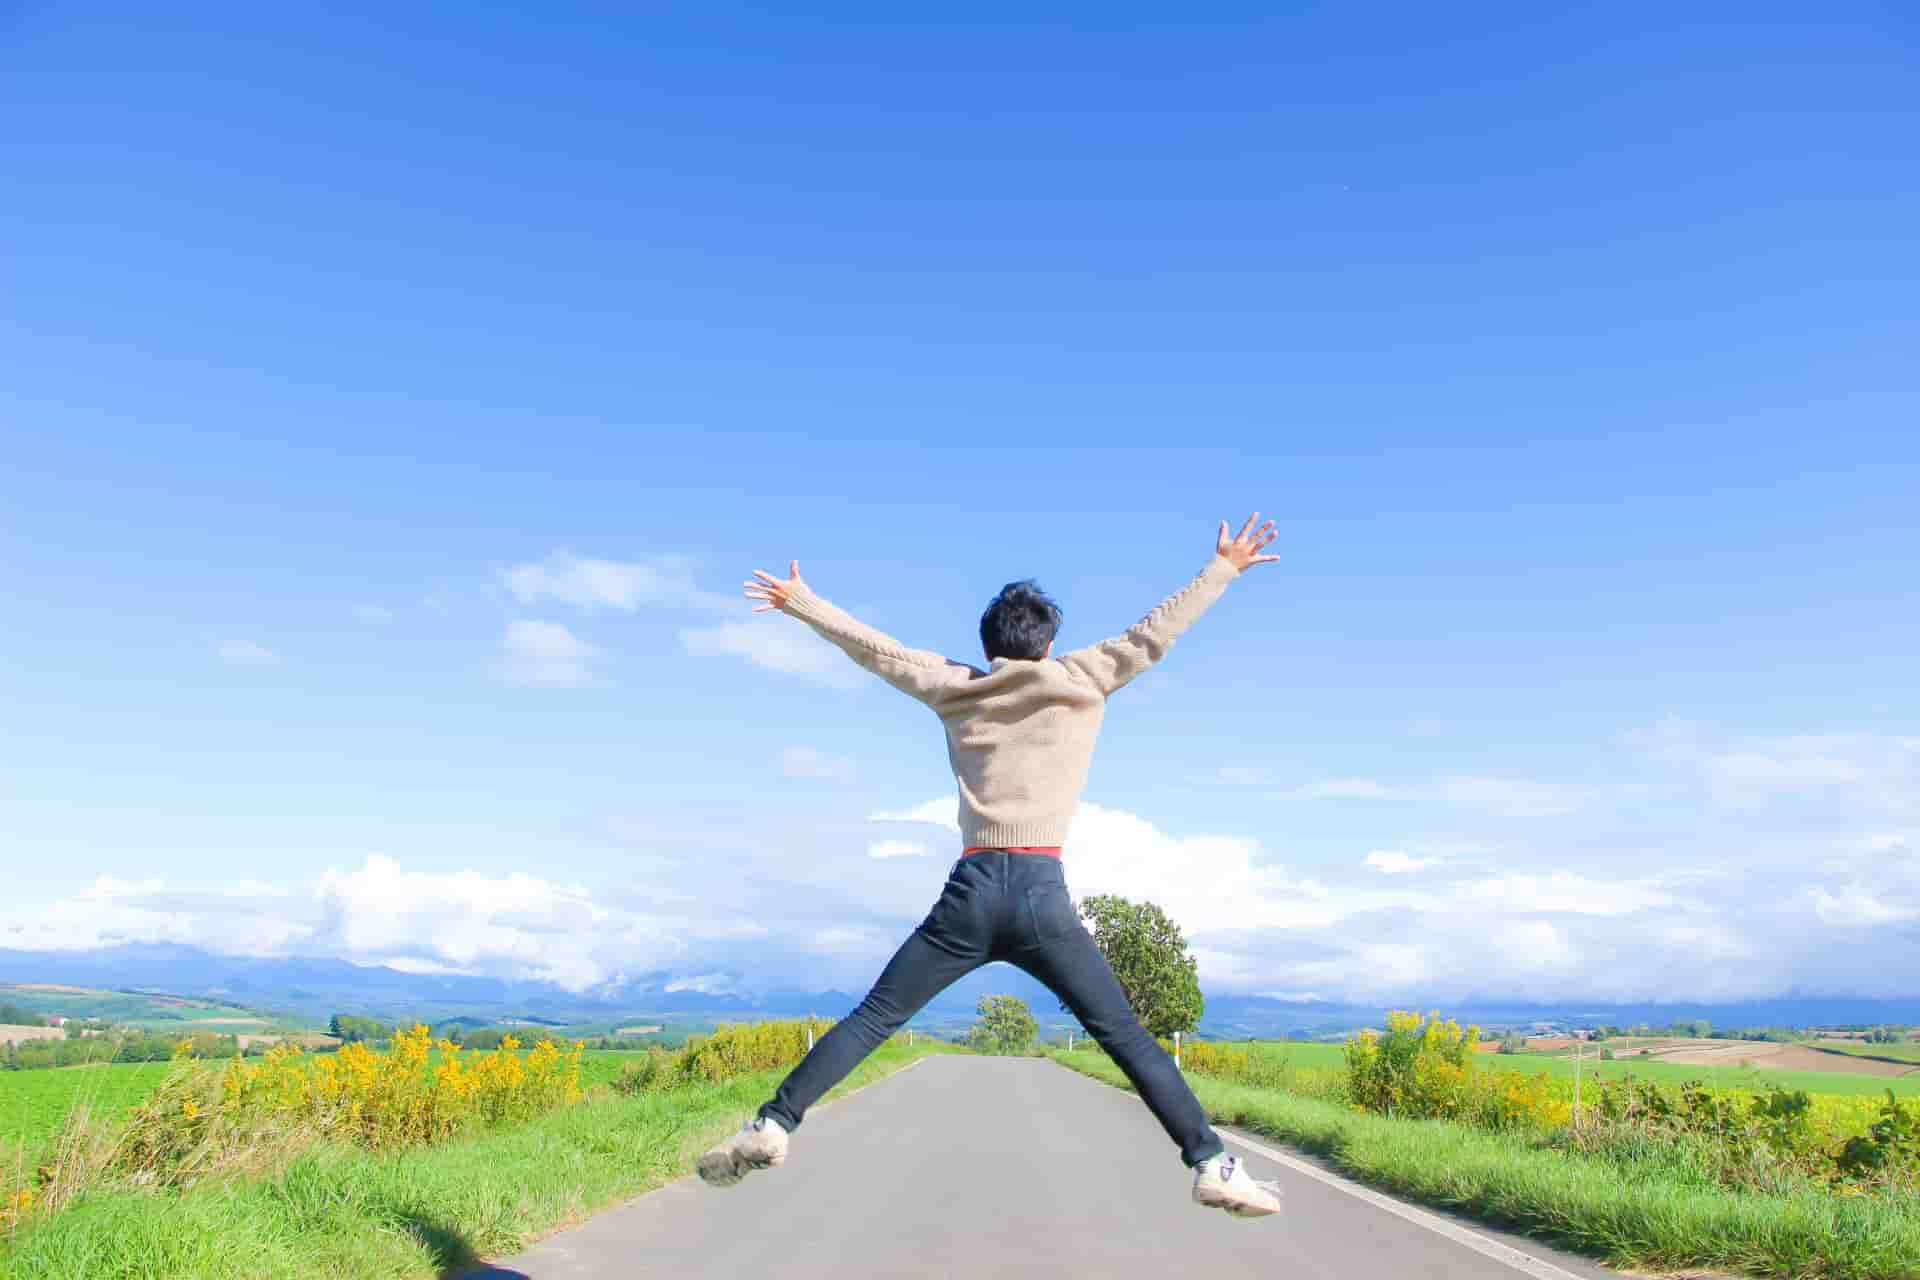 高卒ニートの就活は準備や考え方で決まる!ポジティブ思考で内定をつかみ取ろう!